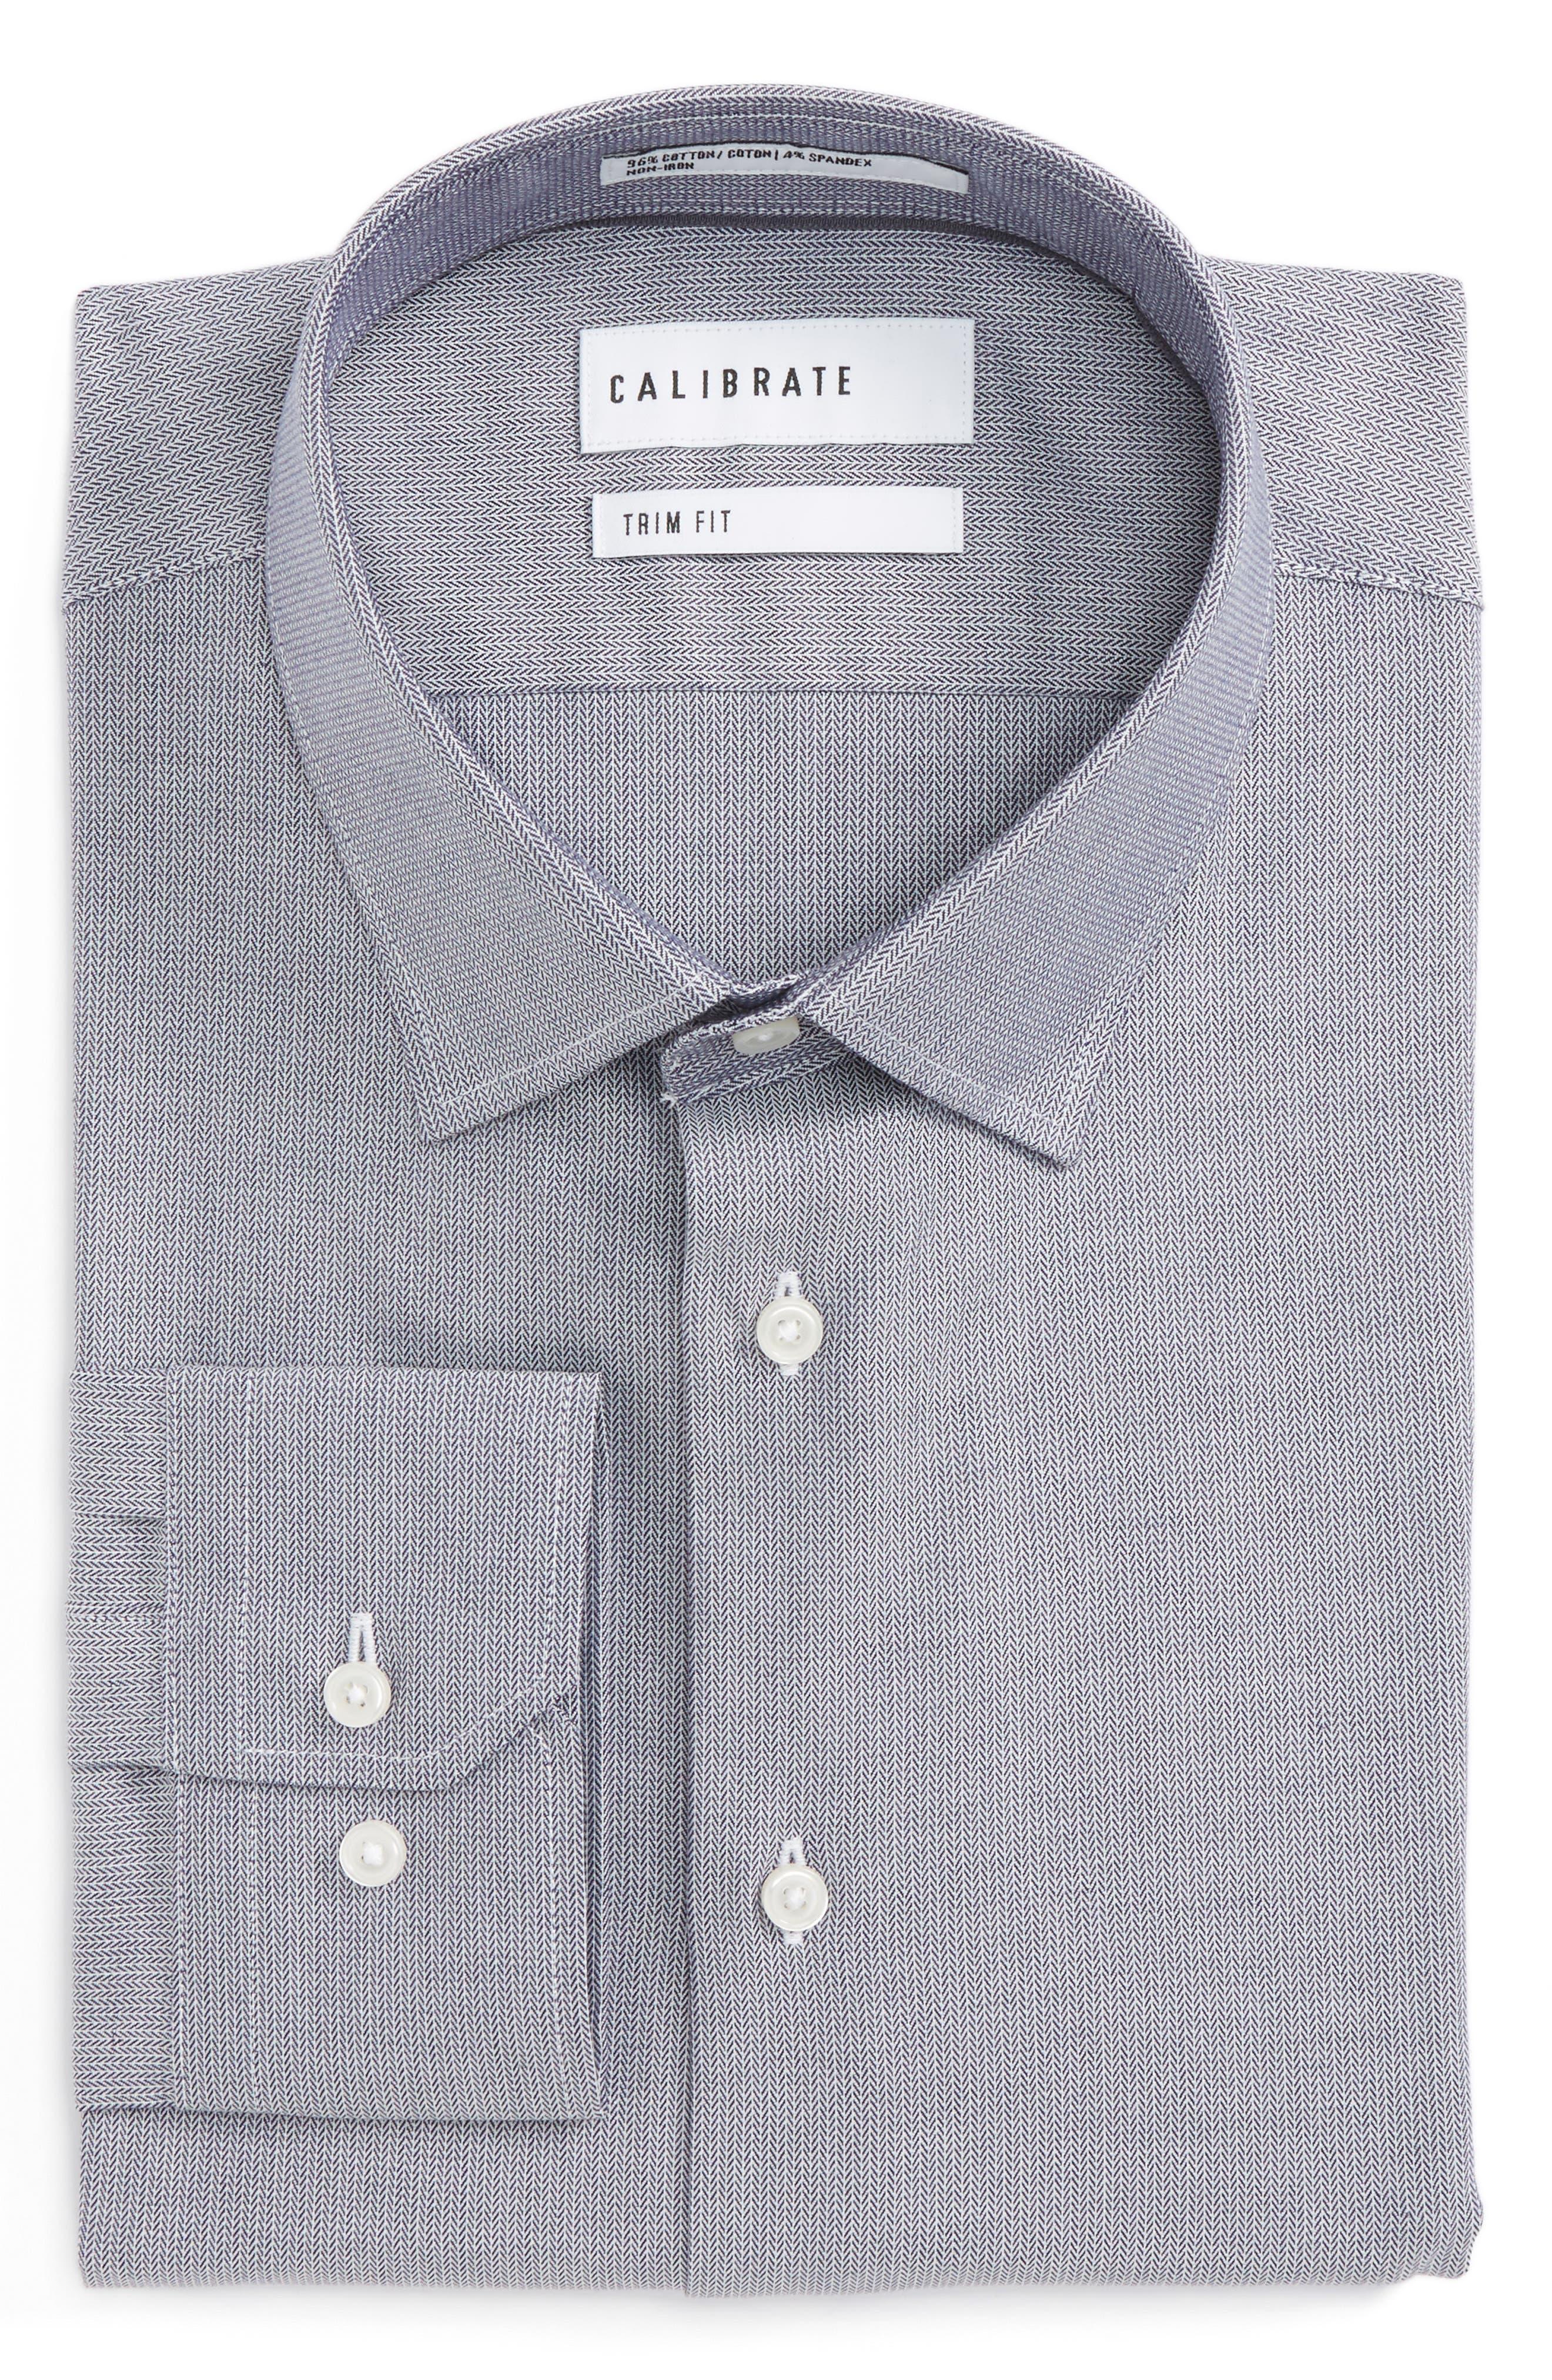 Trim Fit No-Iron Stretch Cotton Dress Shirt,                             Main thumbnail 1, color,                             021